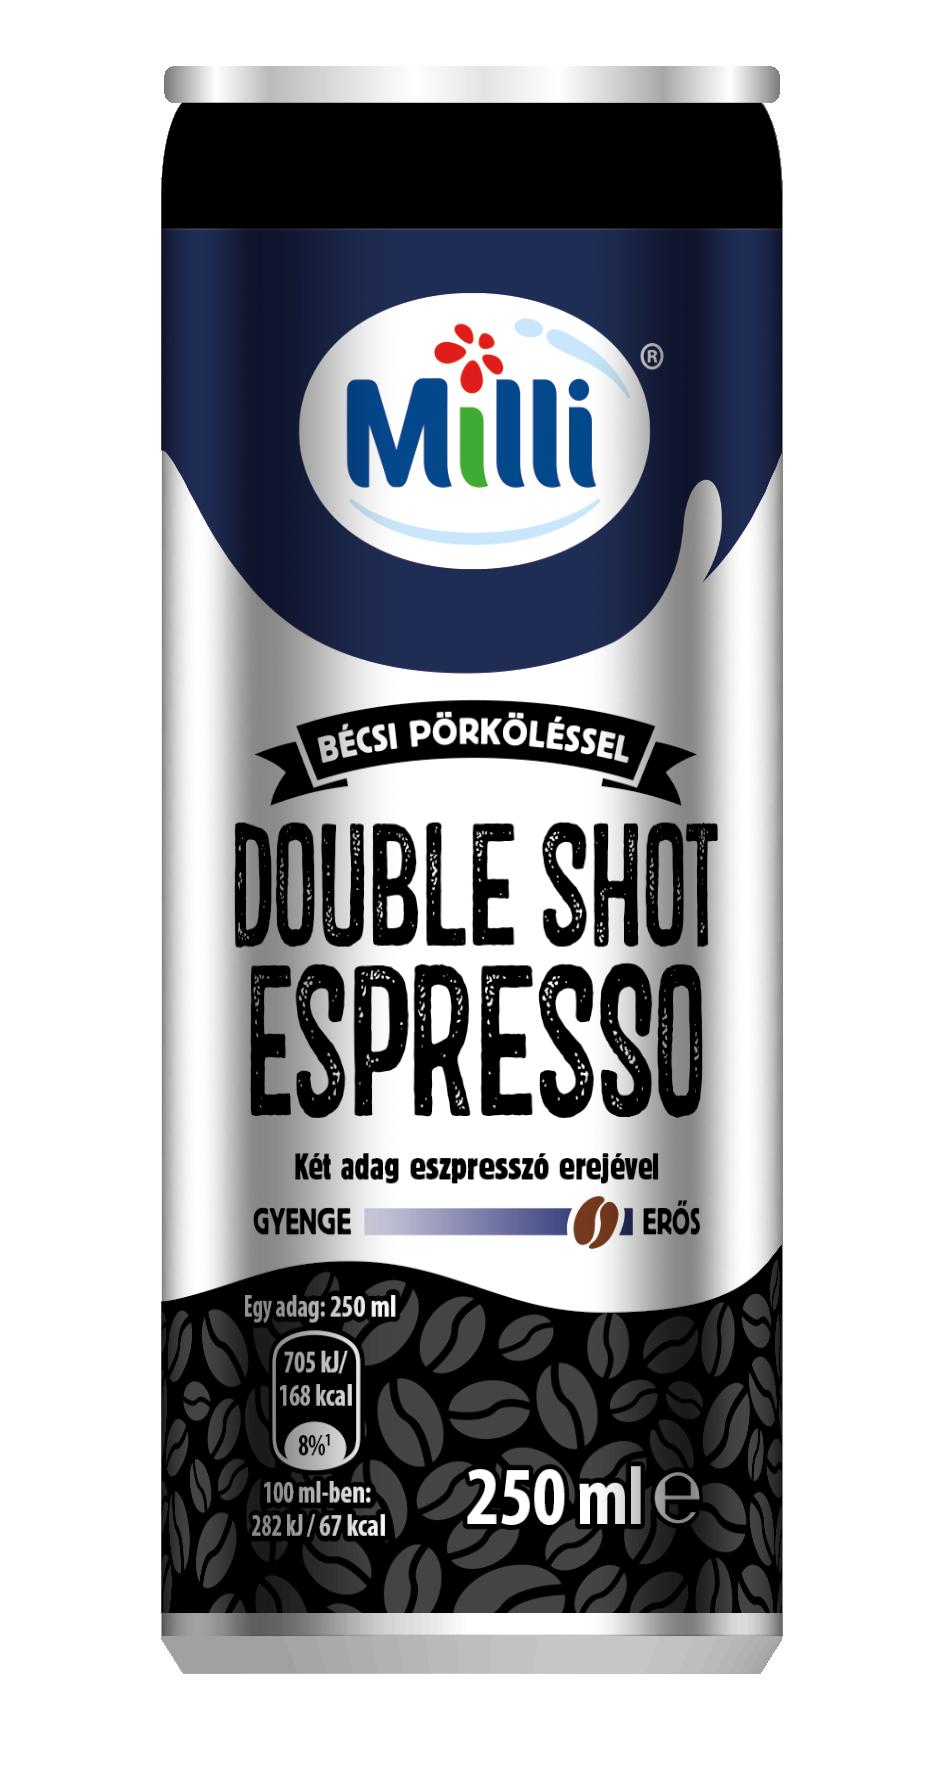 MILLI Double Shot Espresso 250ml